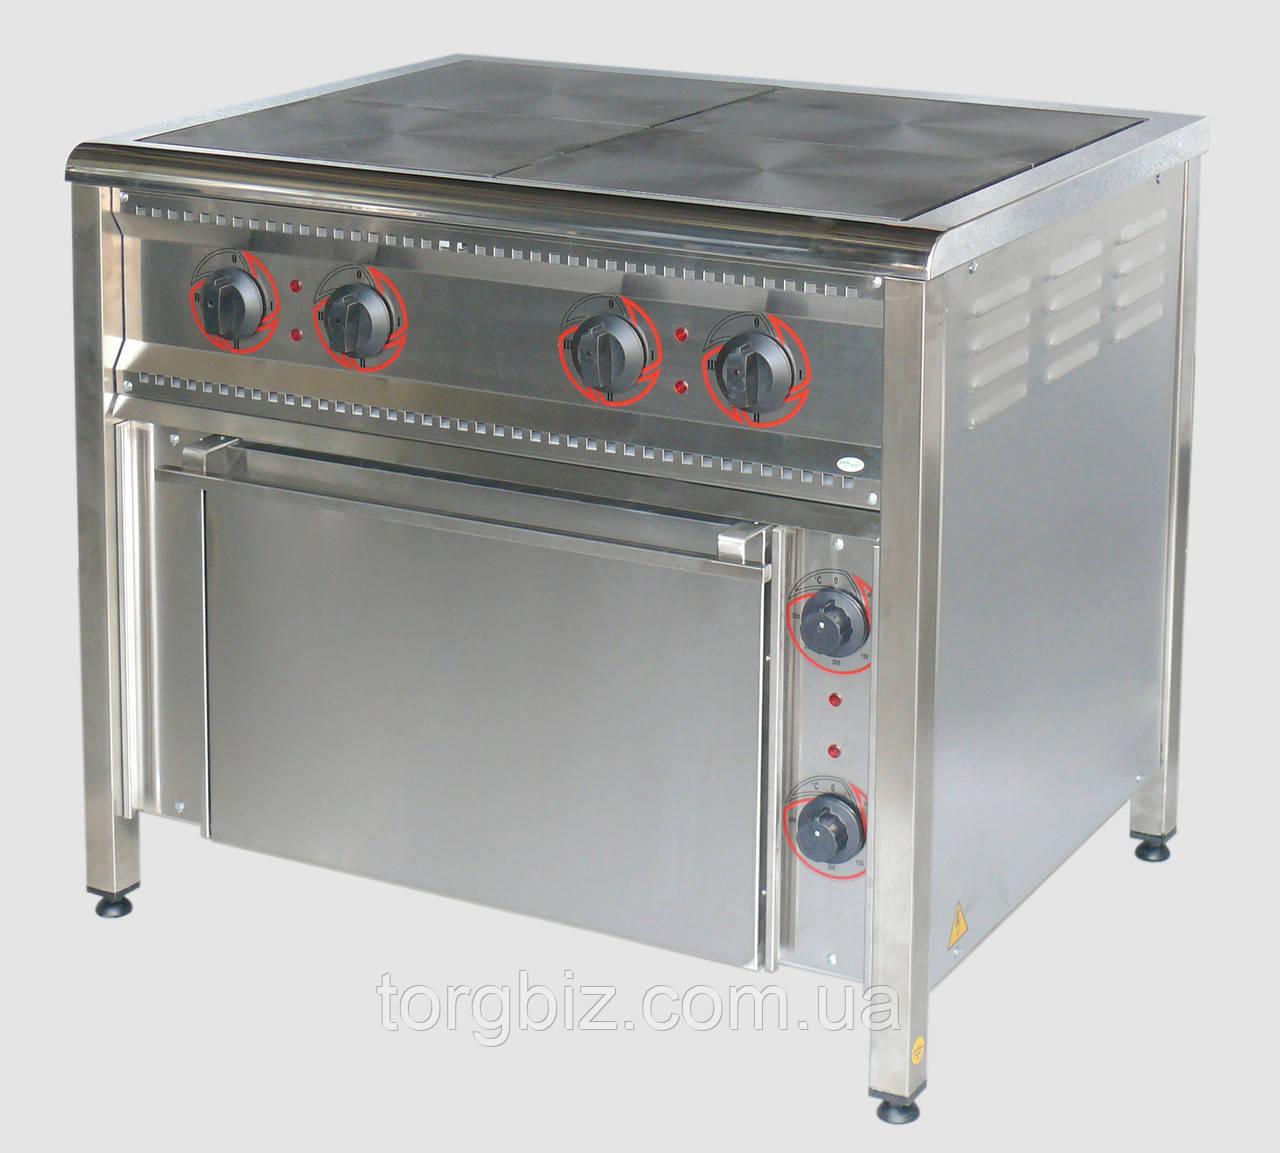 Электрическая плита 4-х конфорочная с духовкой ПЭ-4Ш Н (Нерж. сталь)